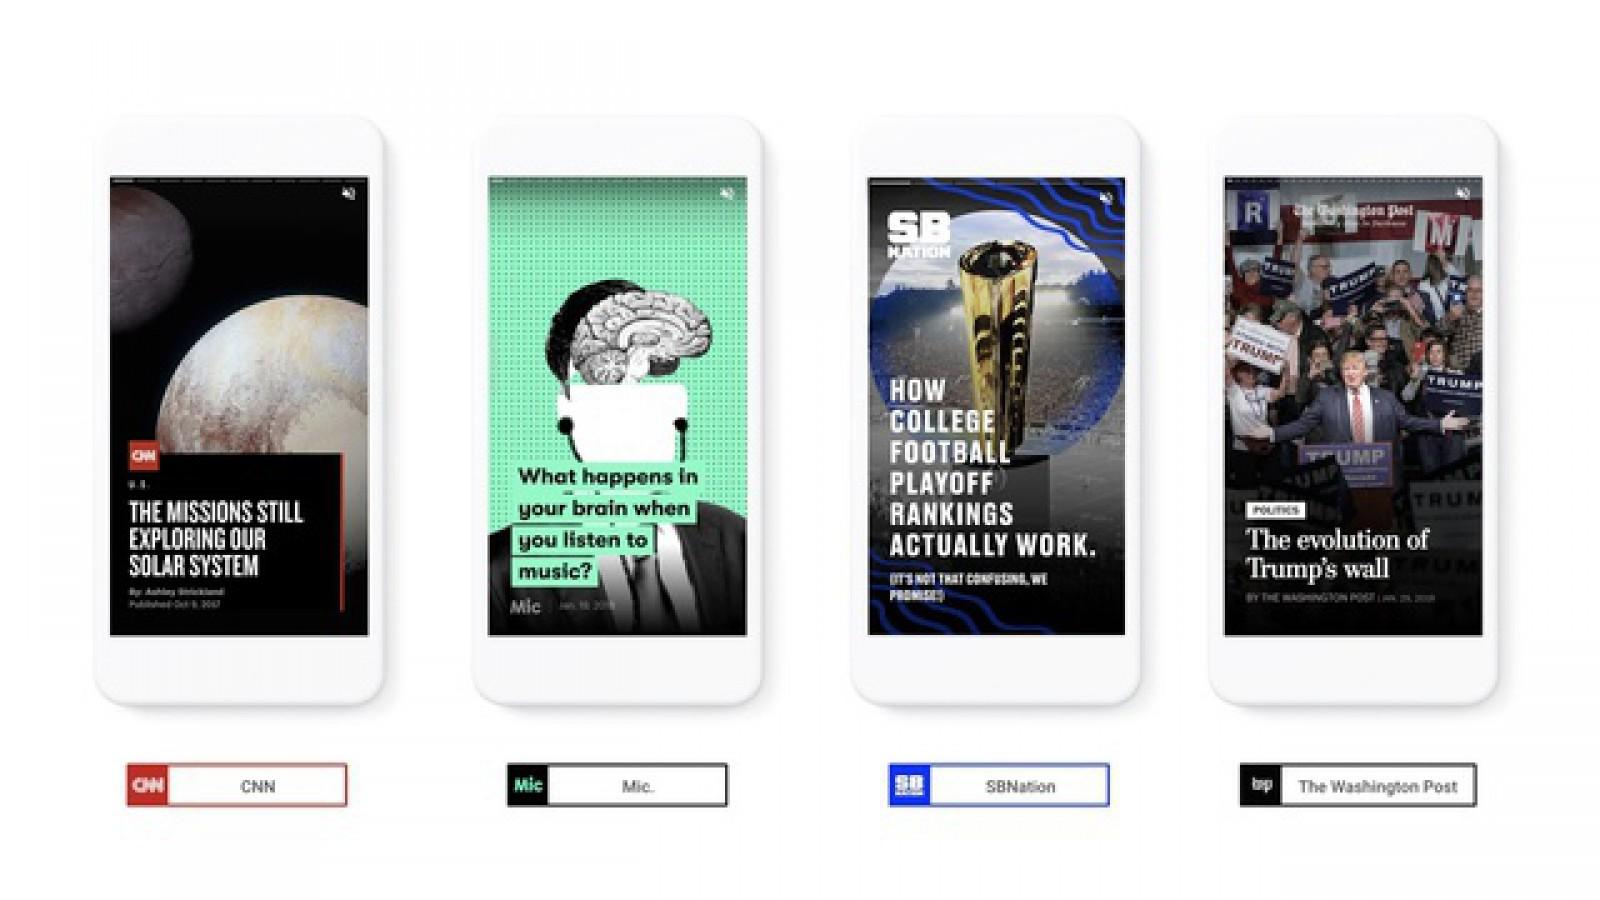 (foto) Google împrumută funcţia Stories de la Snapchat. Integrează conţinutul direct în rezultatele căutărilor